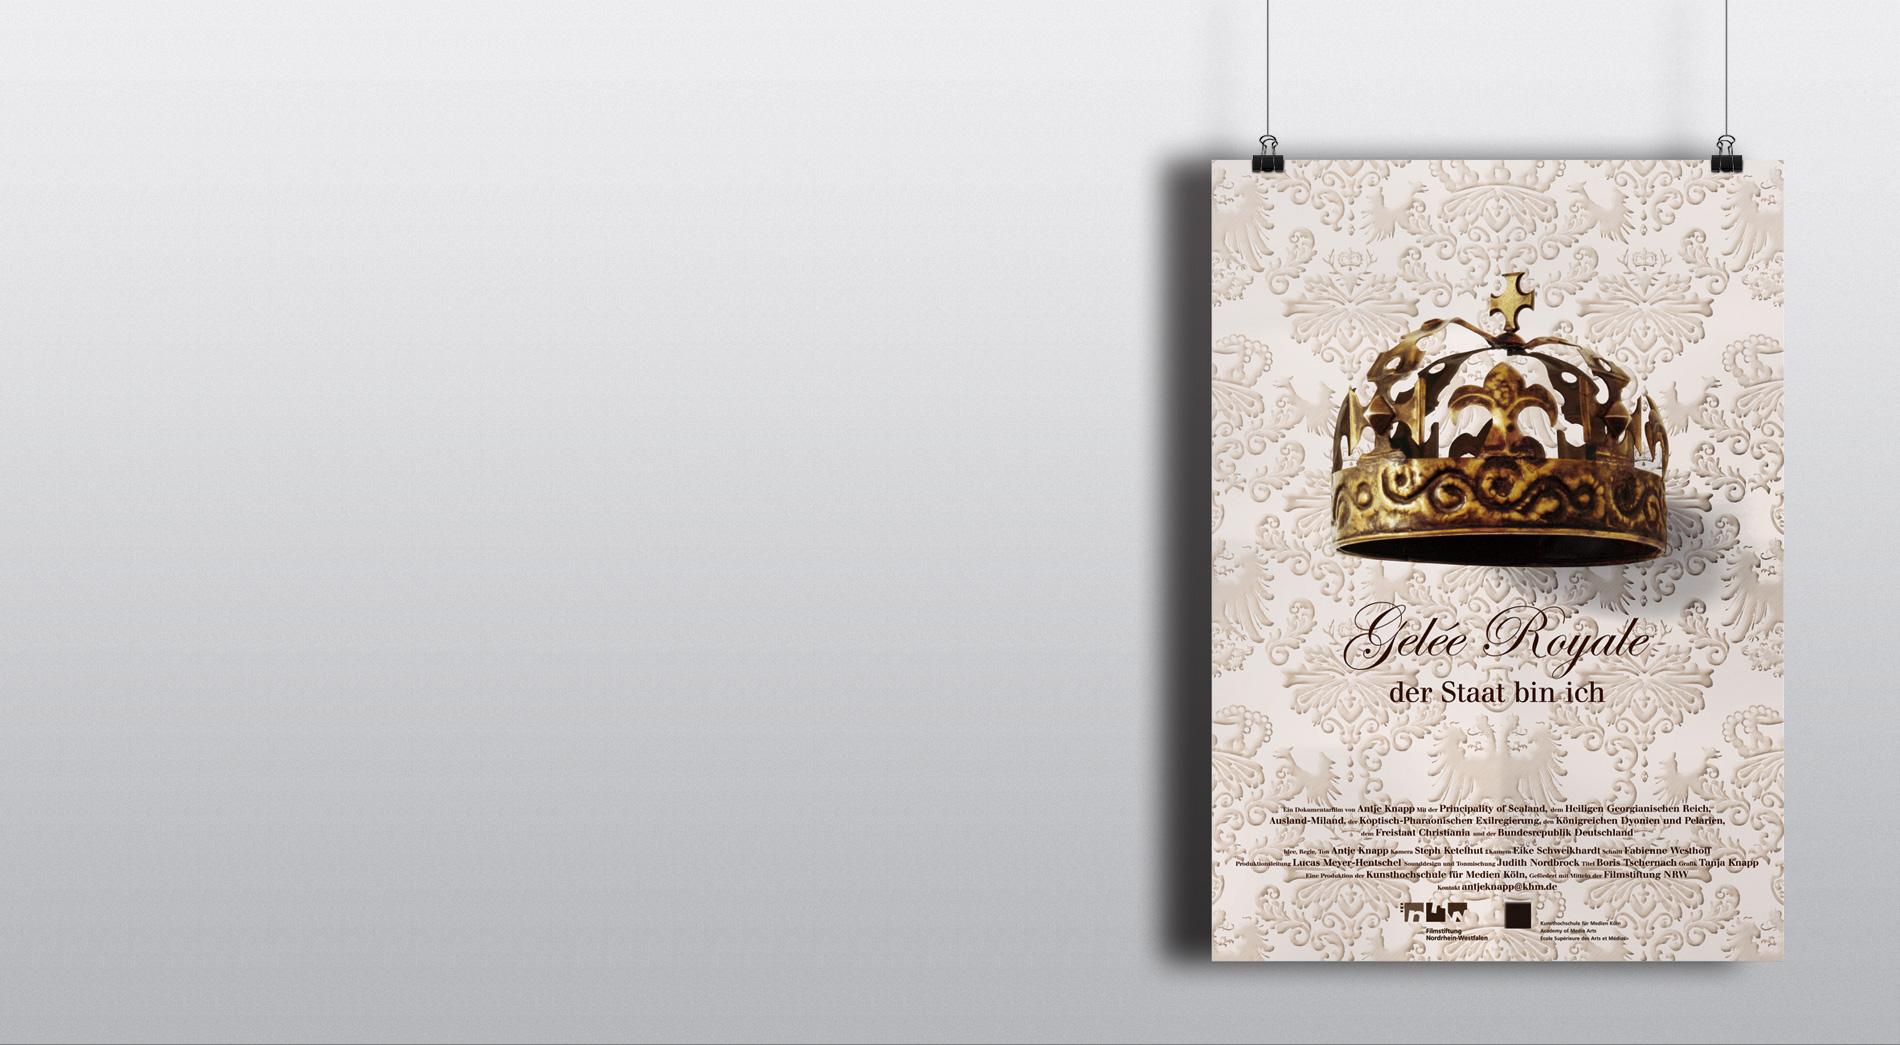 Erscheinungsbild Dokumentarfilm Gelée Royale